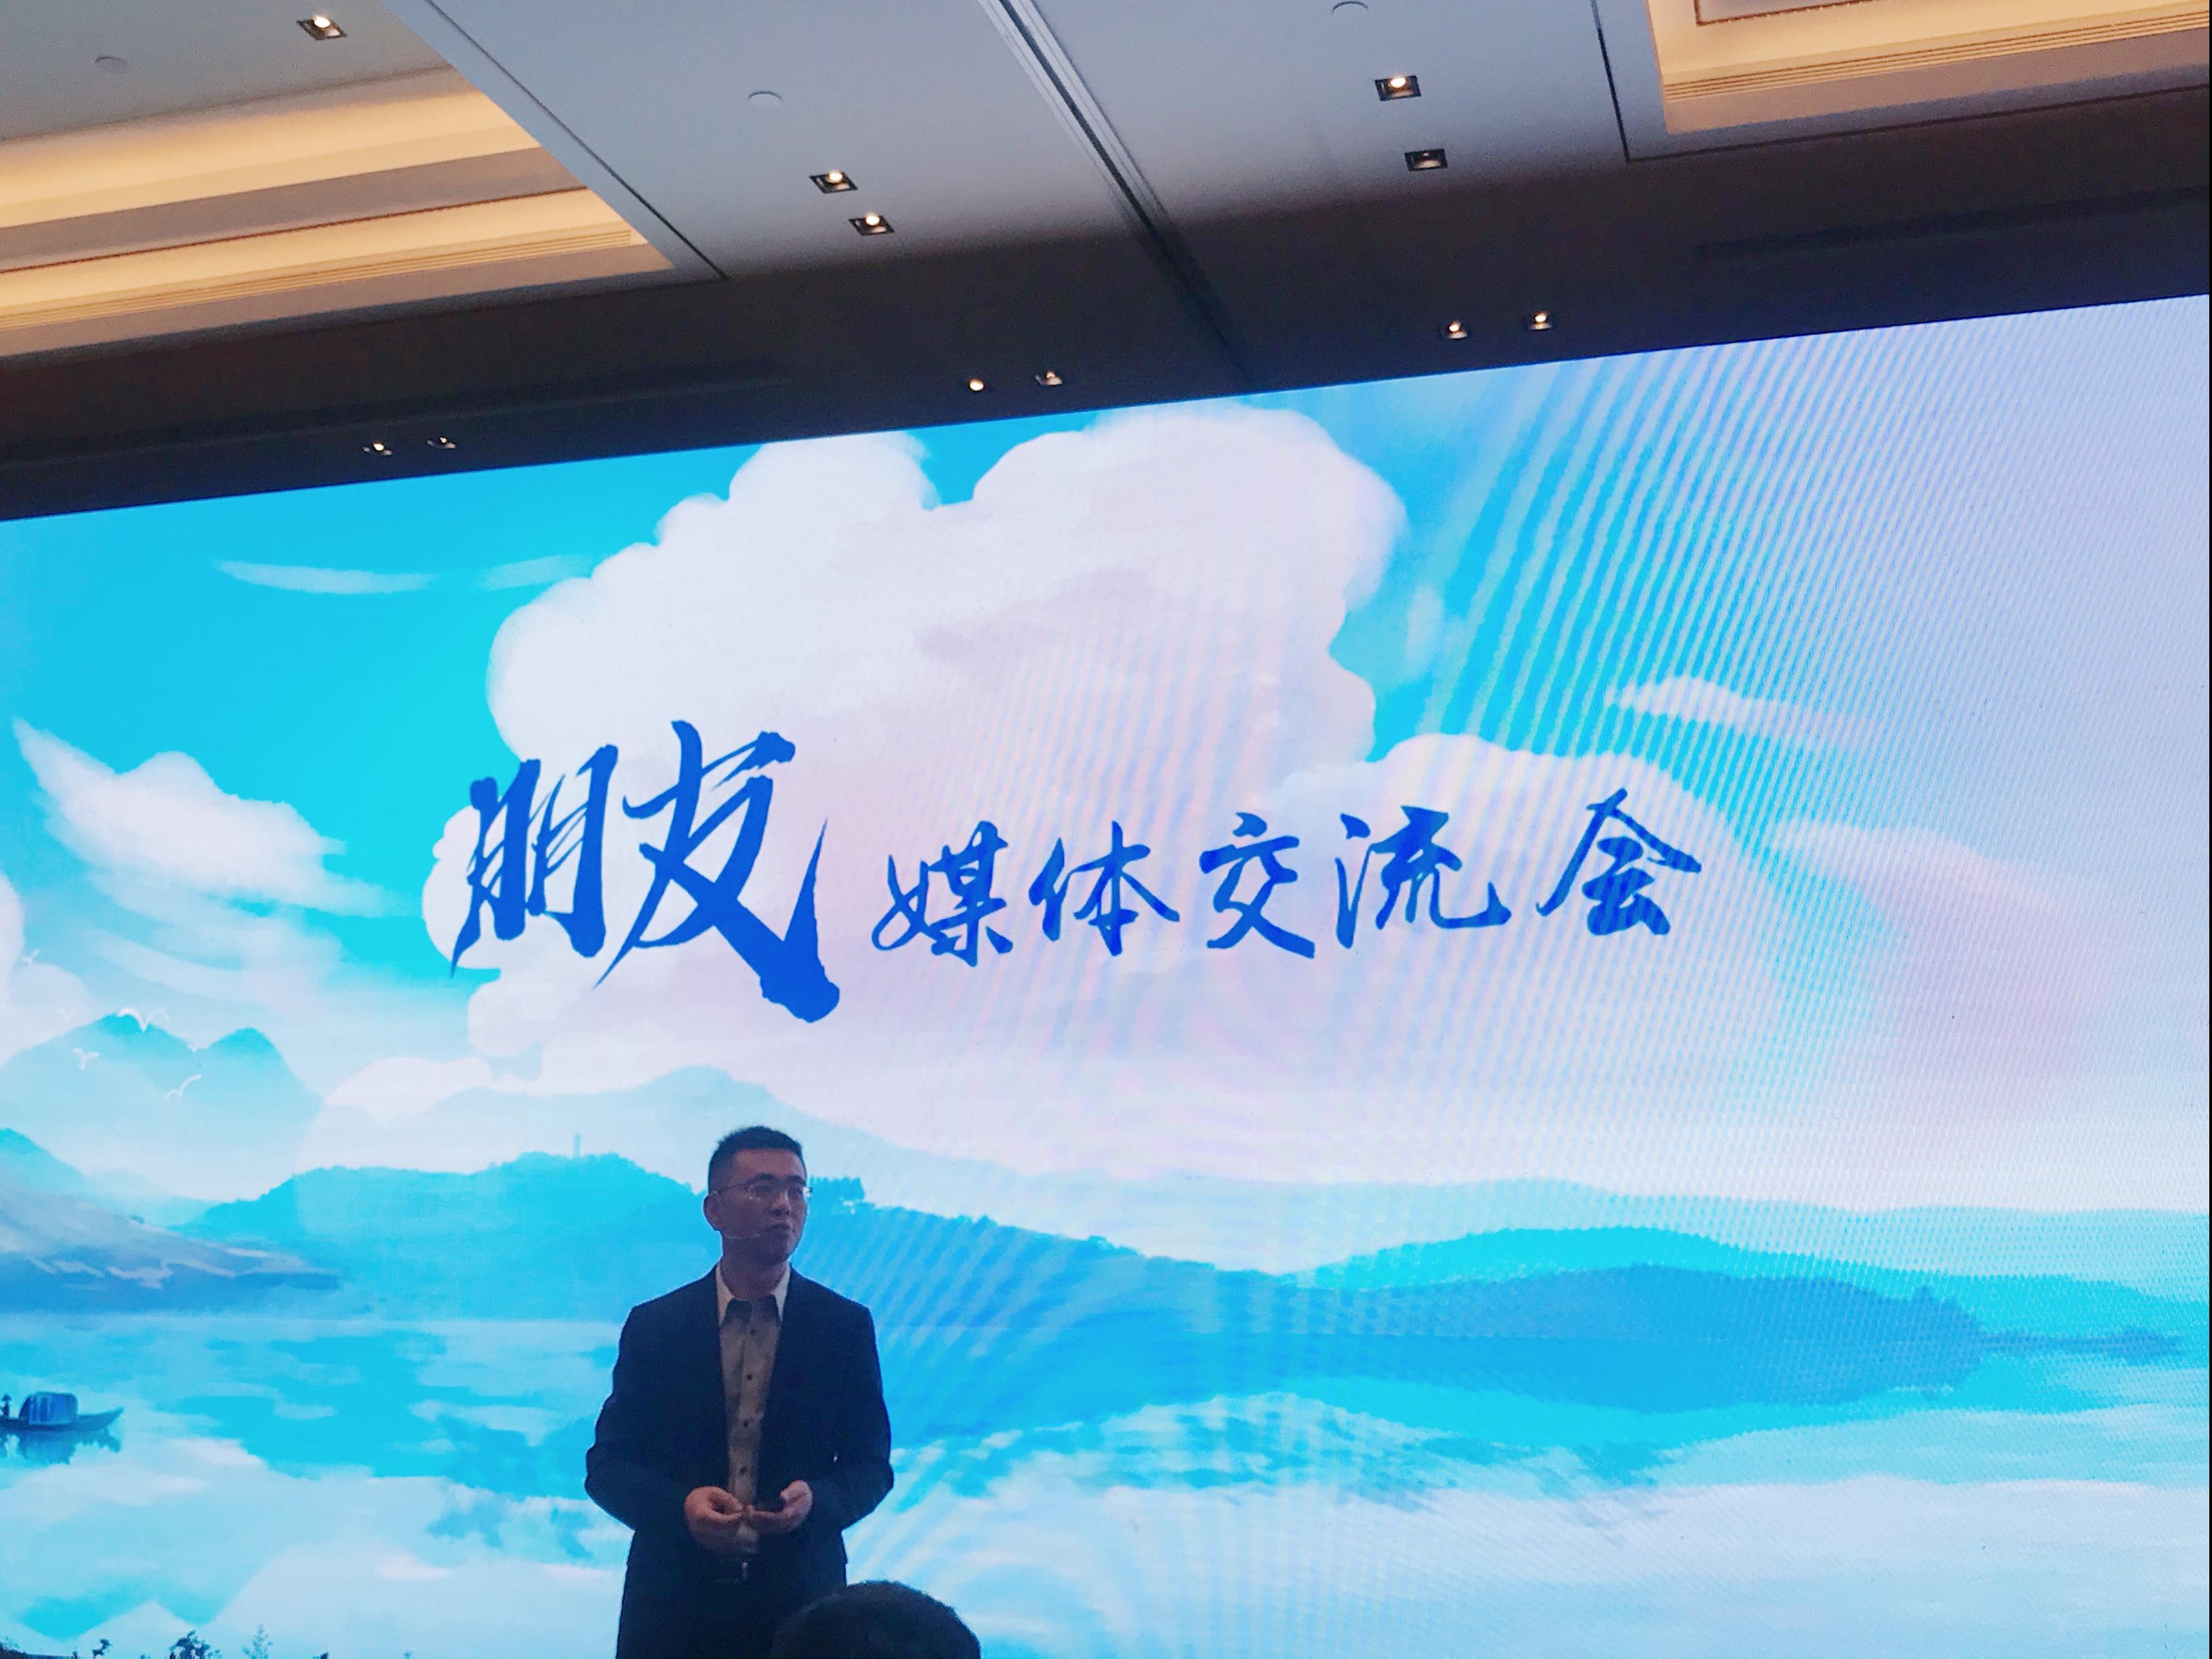 万科刘肖:要站在城市正确发展的方向-中国网地产